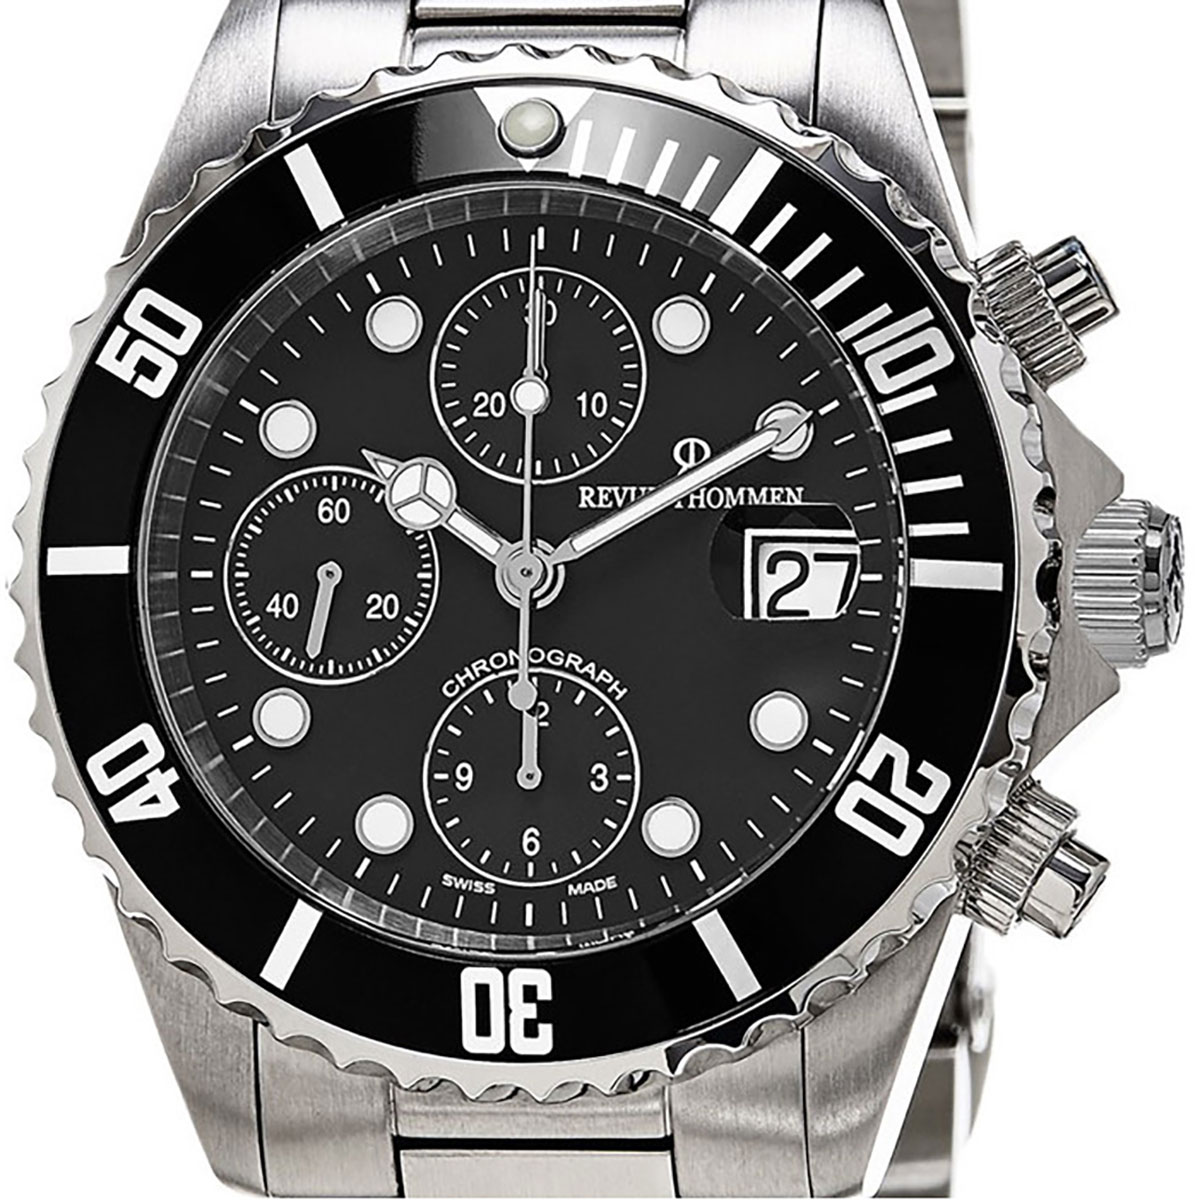 【残り1点】REVUE THOMMEN レビュートーメン 自動巻き(手巻き機能あり) 腕時計 [17571.6137] 並行輸入品 ブラック(黒)